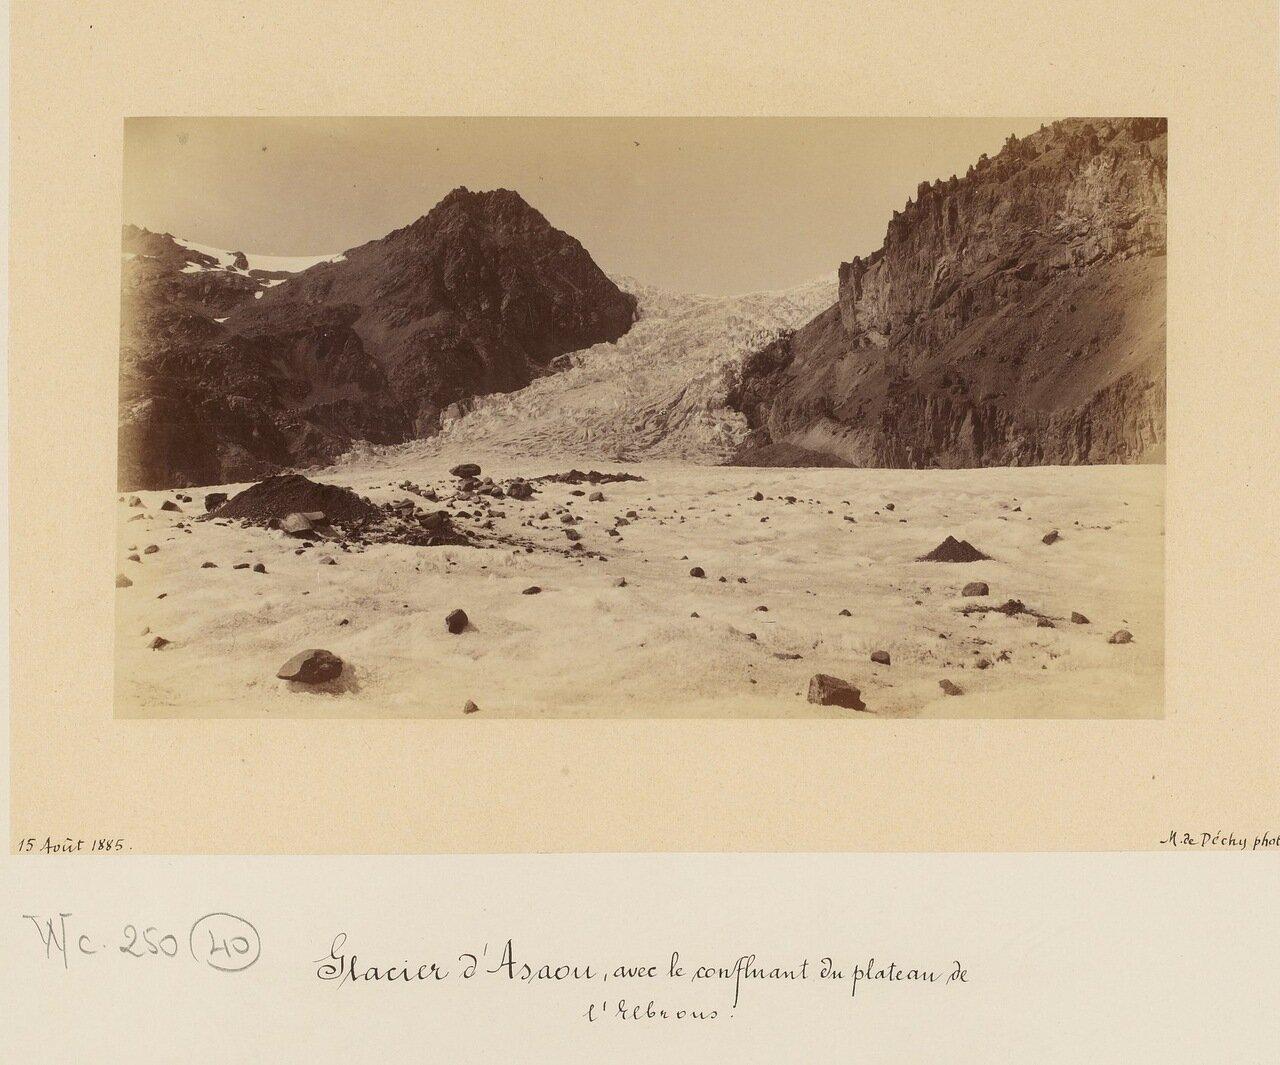 Ледник Ассау в Приэльбрусье